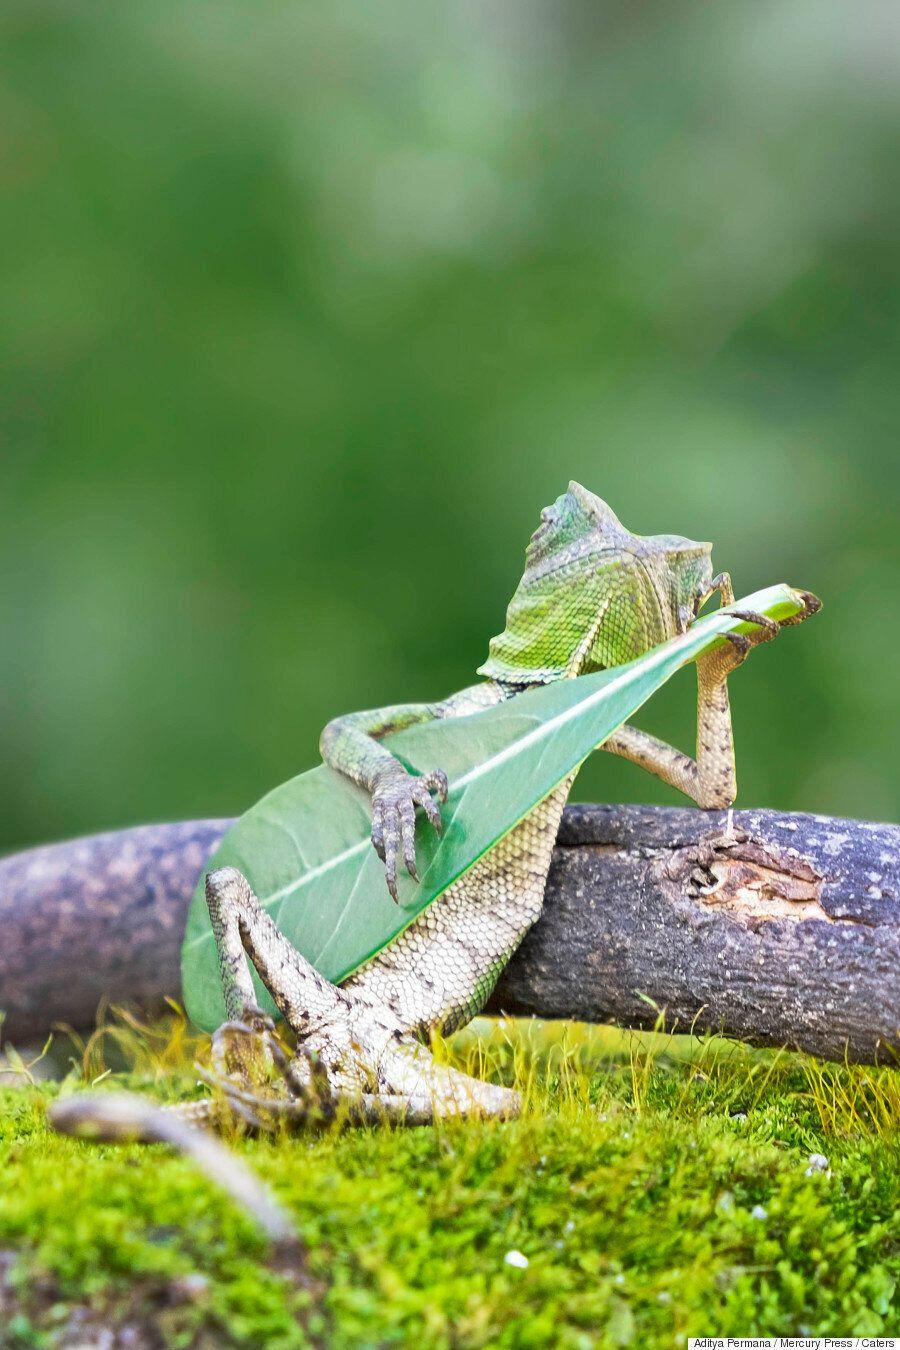 나뭇잎 기타를 치는 세상에서 가장 멋진